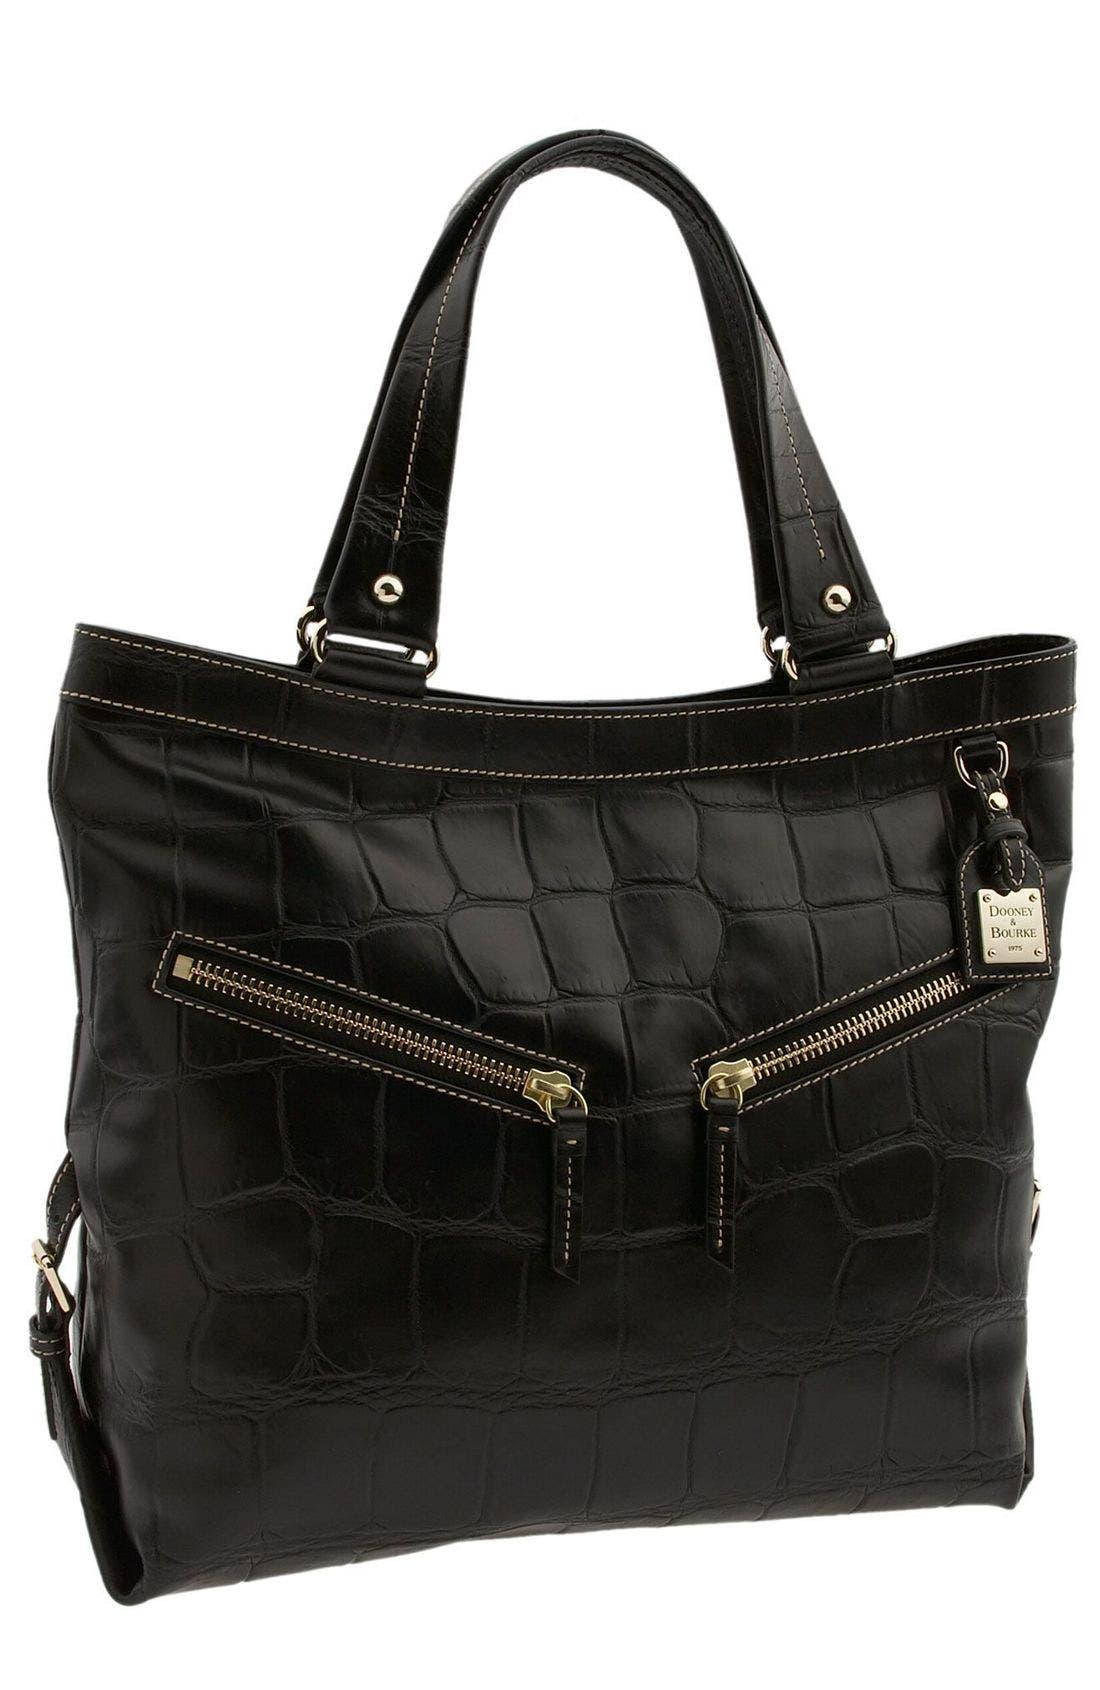 DOONEY & BOURKE 'Croco - Sara' Bucket Bag, Main, color, 001